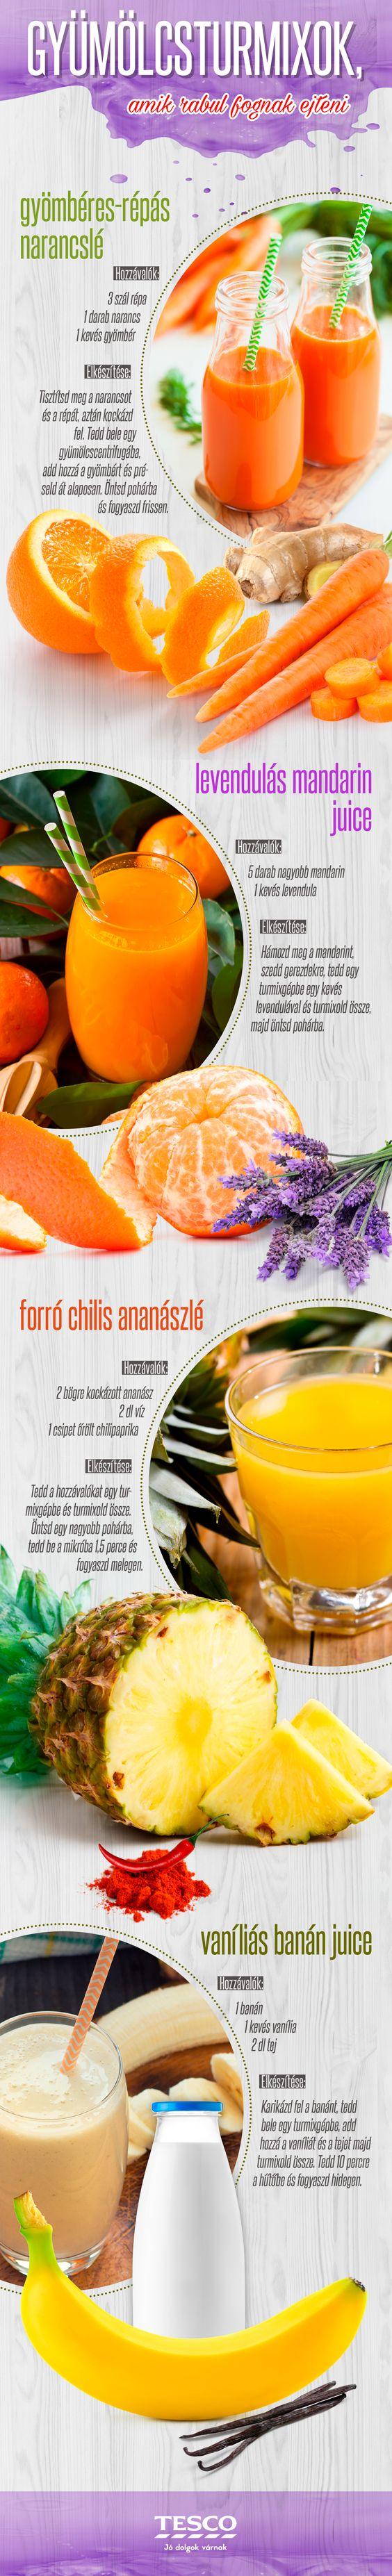 Indítsd egy turmixszal a napot és nem is akármilyennel! :) Hoztunk négy olyan receptet Neked, amiket biztos, hogy még nem próbáltál! :) #tesco #tescomagyarorszag #turmix #vitamin #recept #finom #reggeli #banan #narancs #mandarin #ananasz